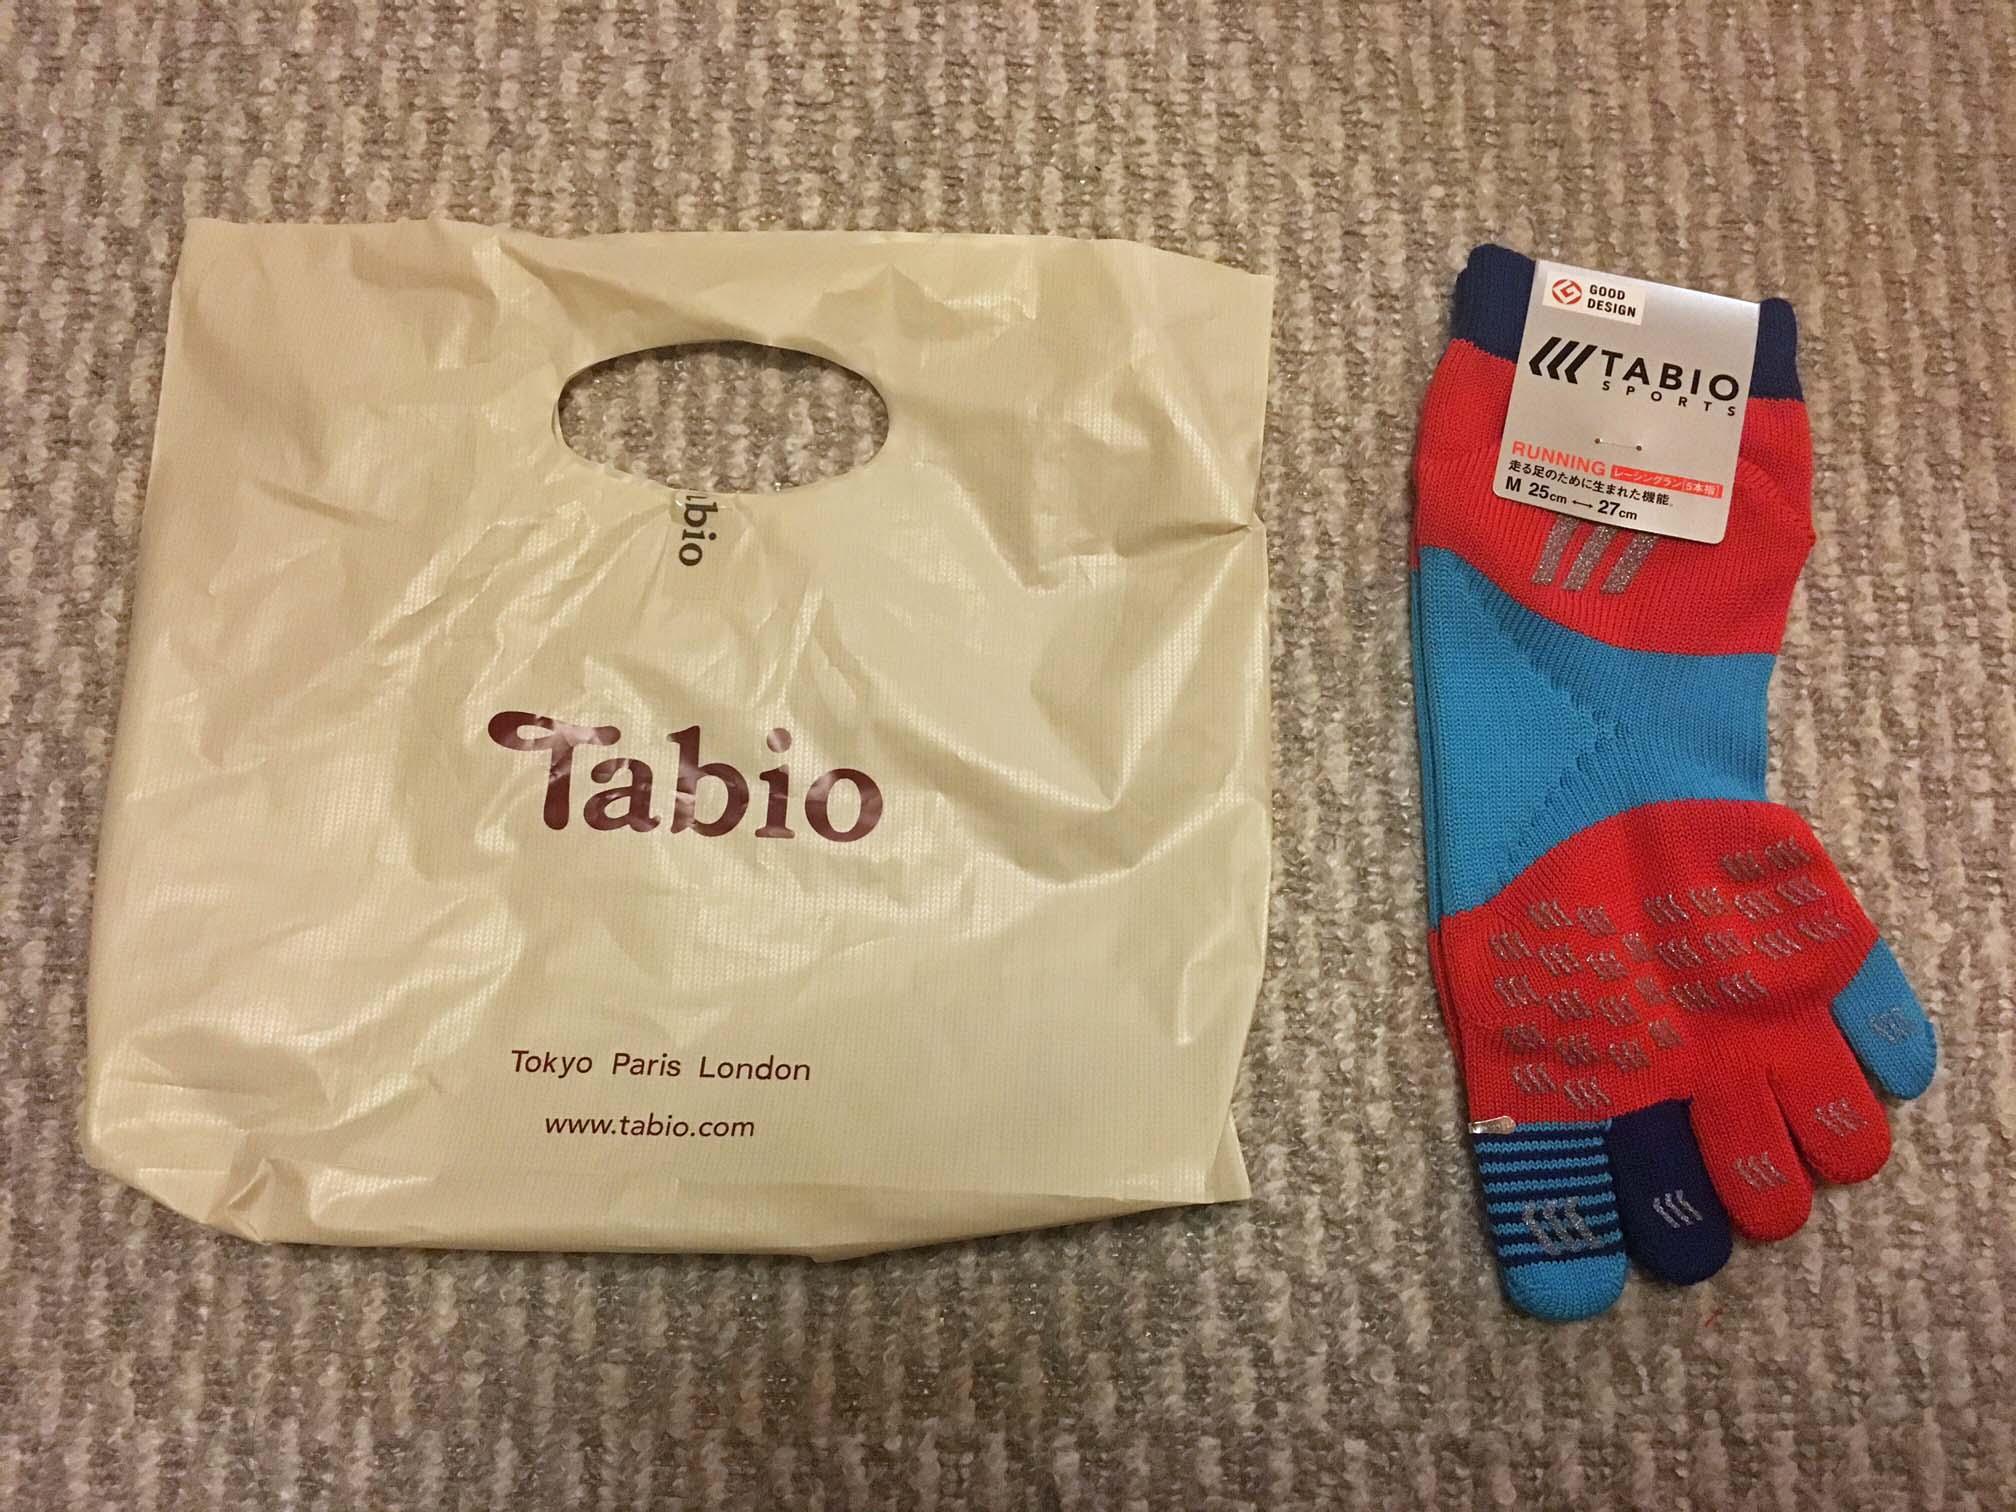 Tabioの限定カラー